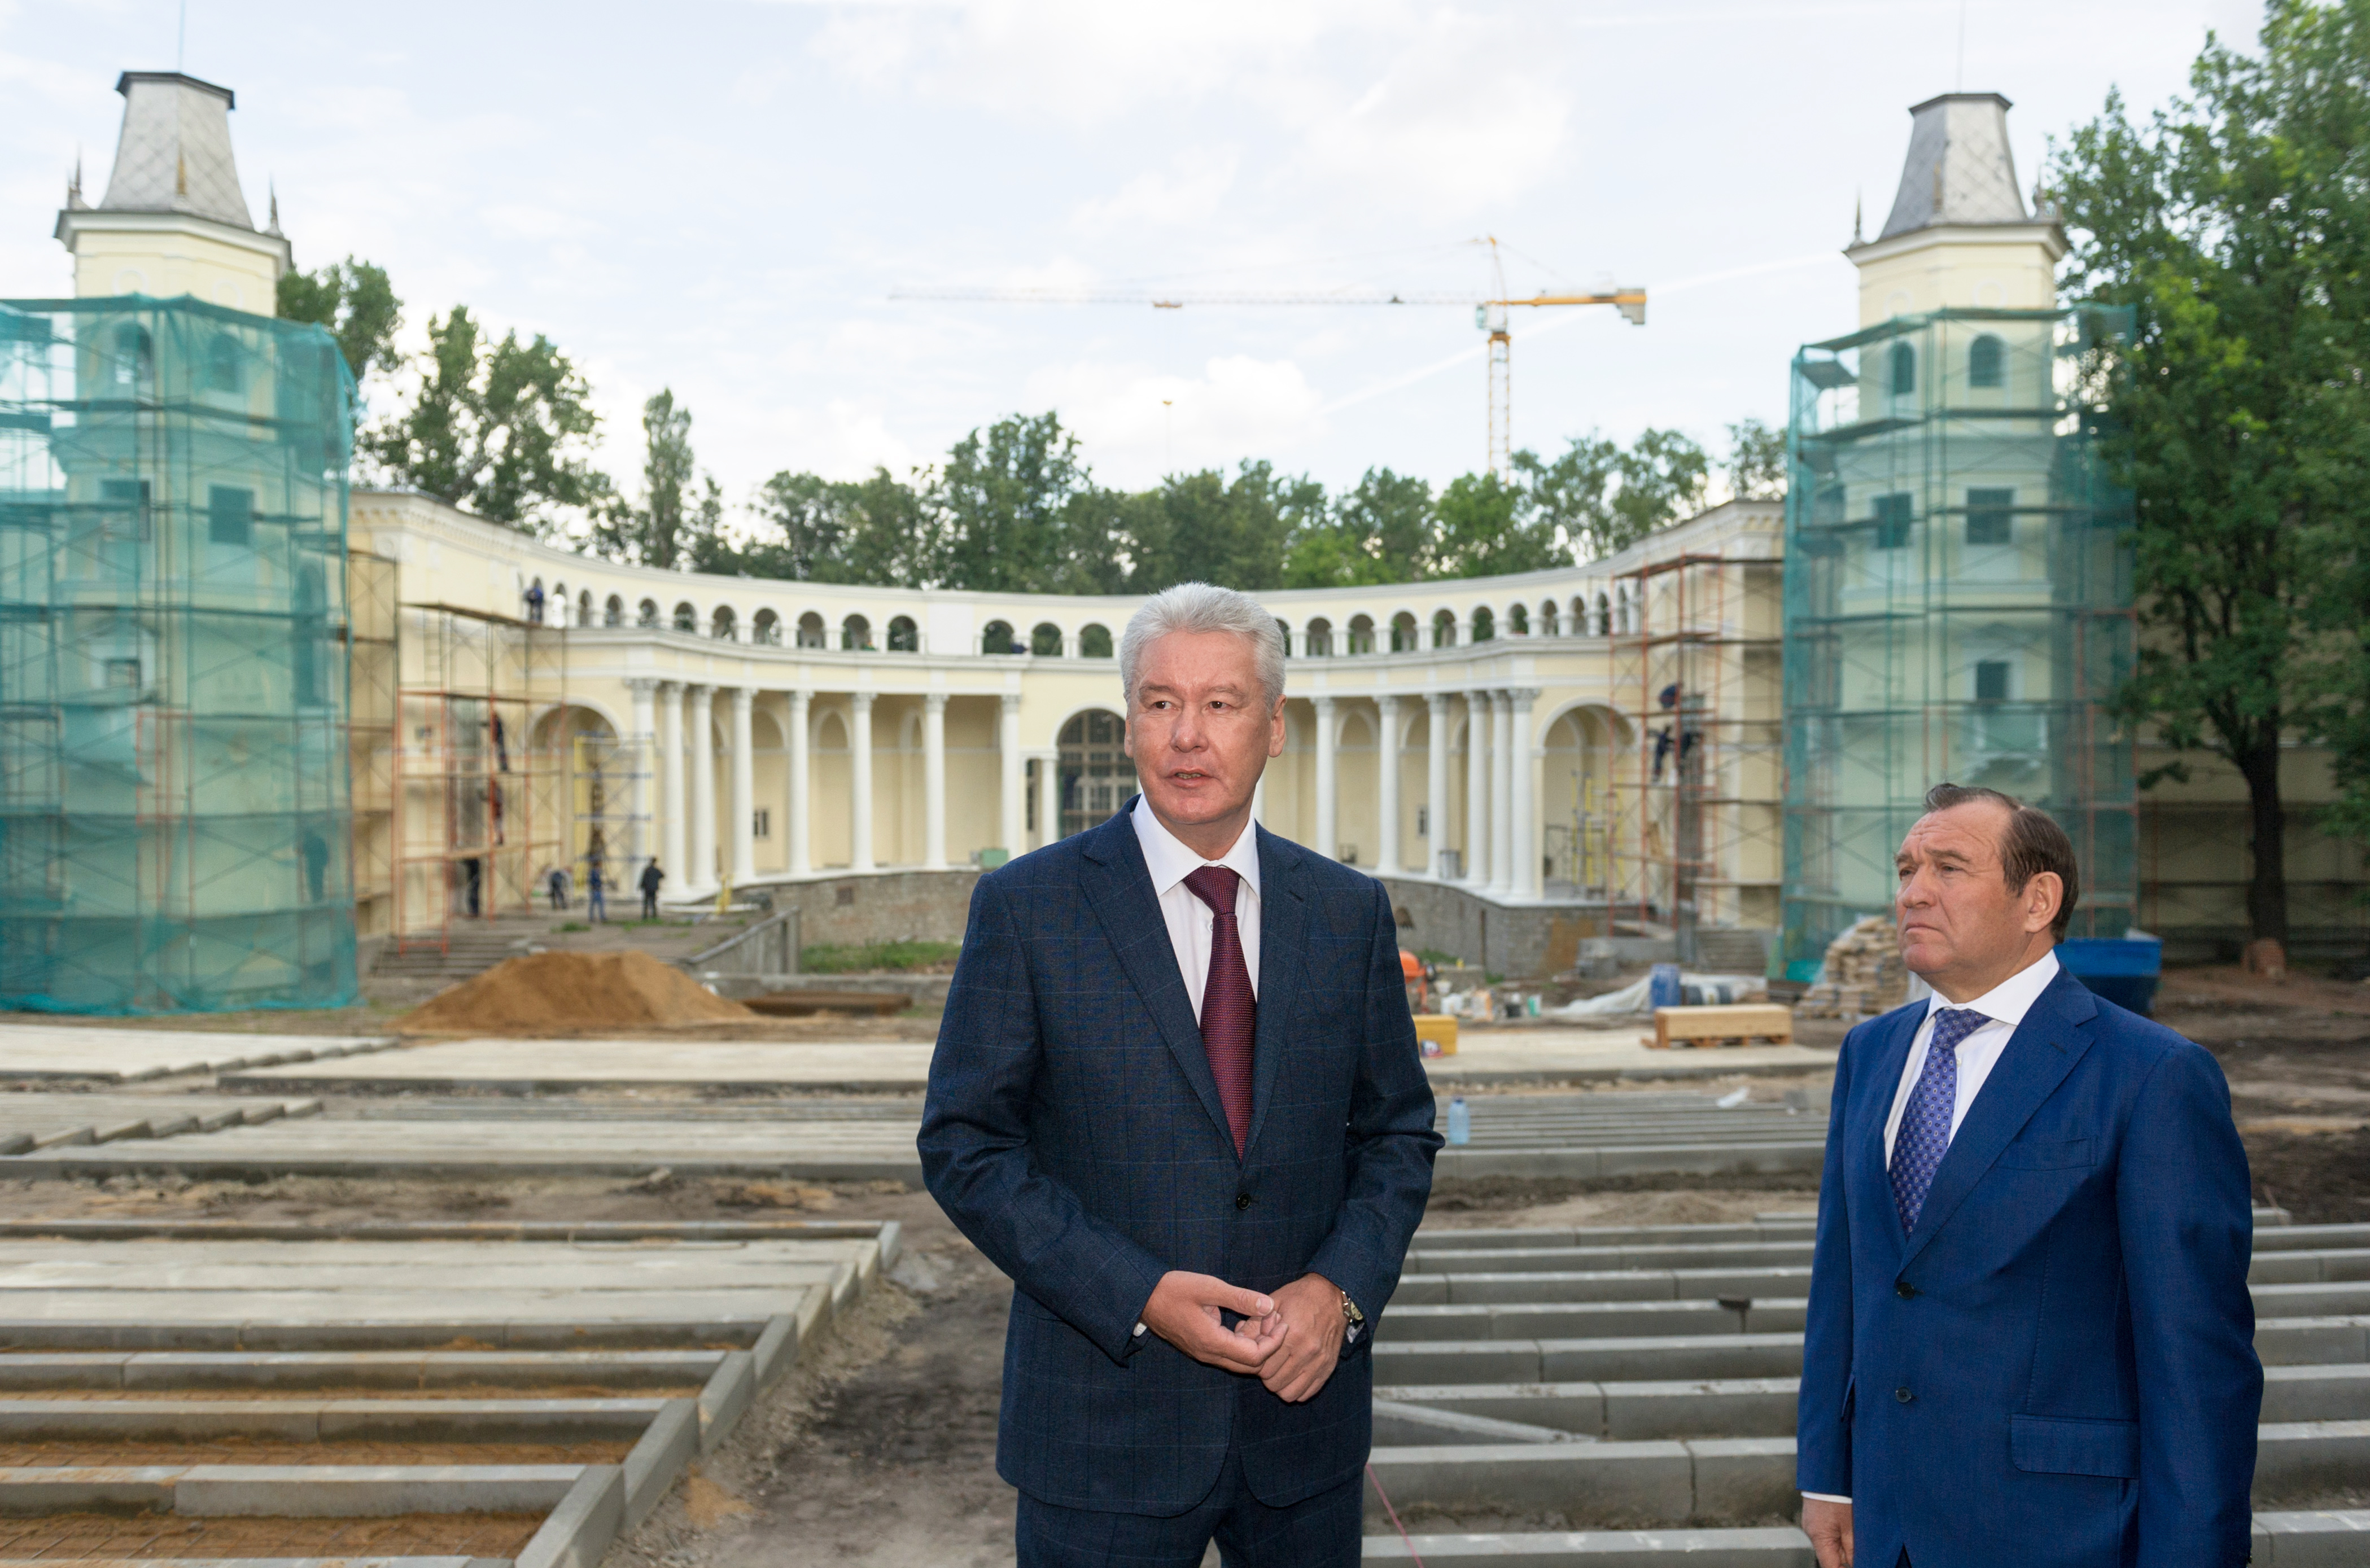 Сергей Собянин инспектирует ход работ по благоустройству выставочного центра